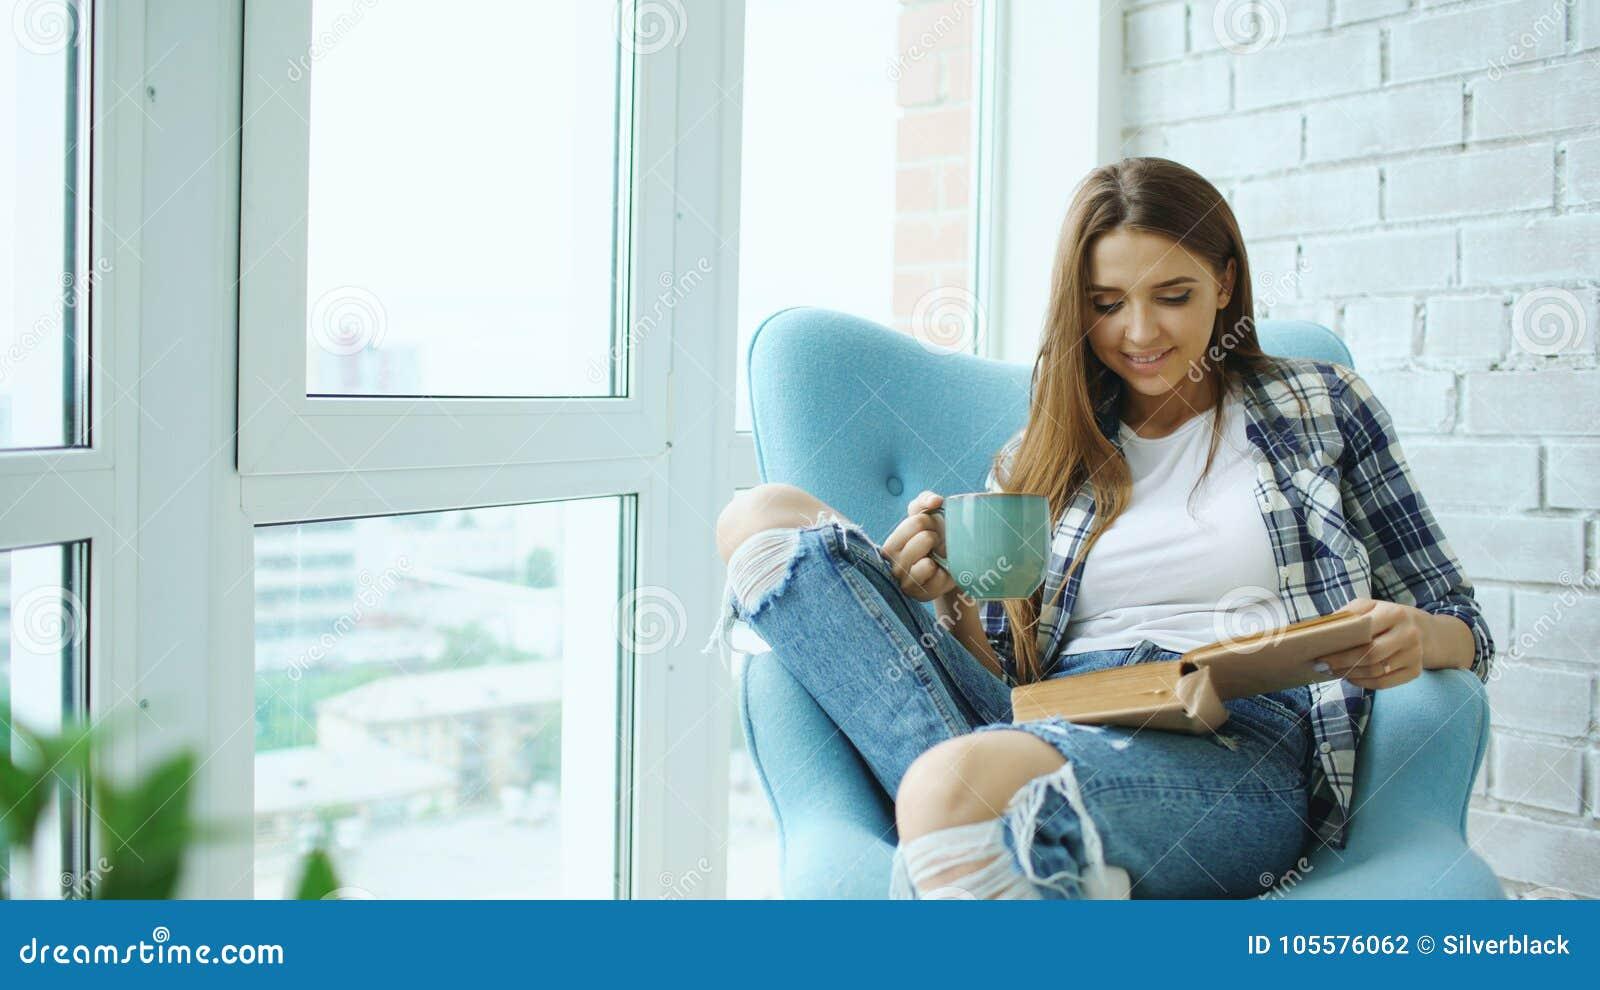 Молодая привлекательная женщина прочитала книгу и выпивает кофе сидя на балконе в современной квартире просторной квартиры